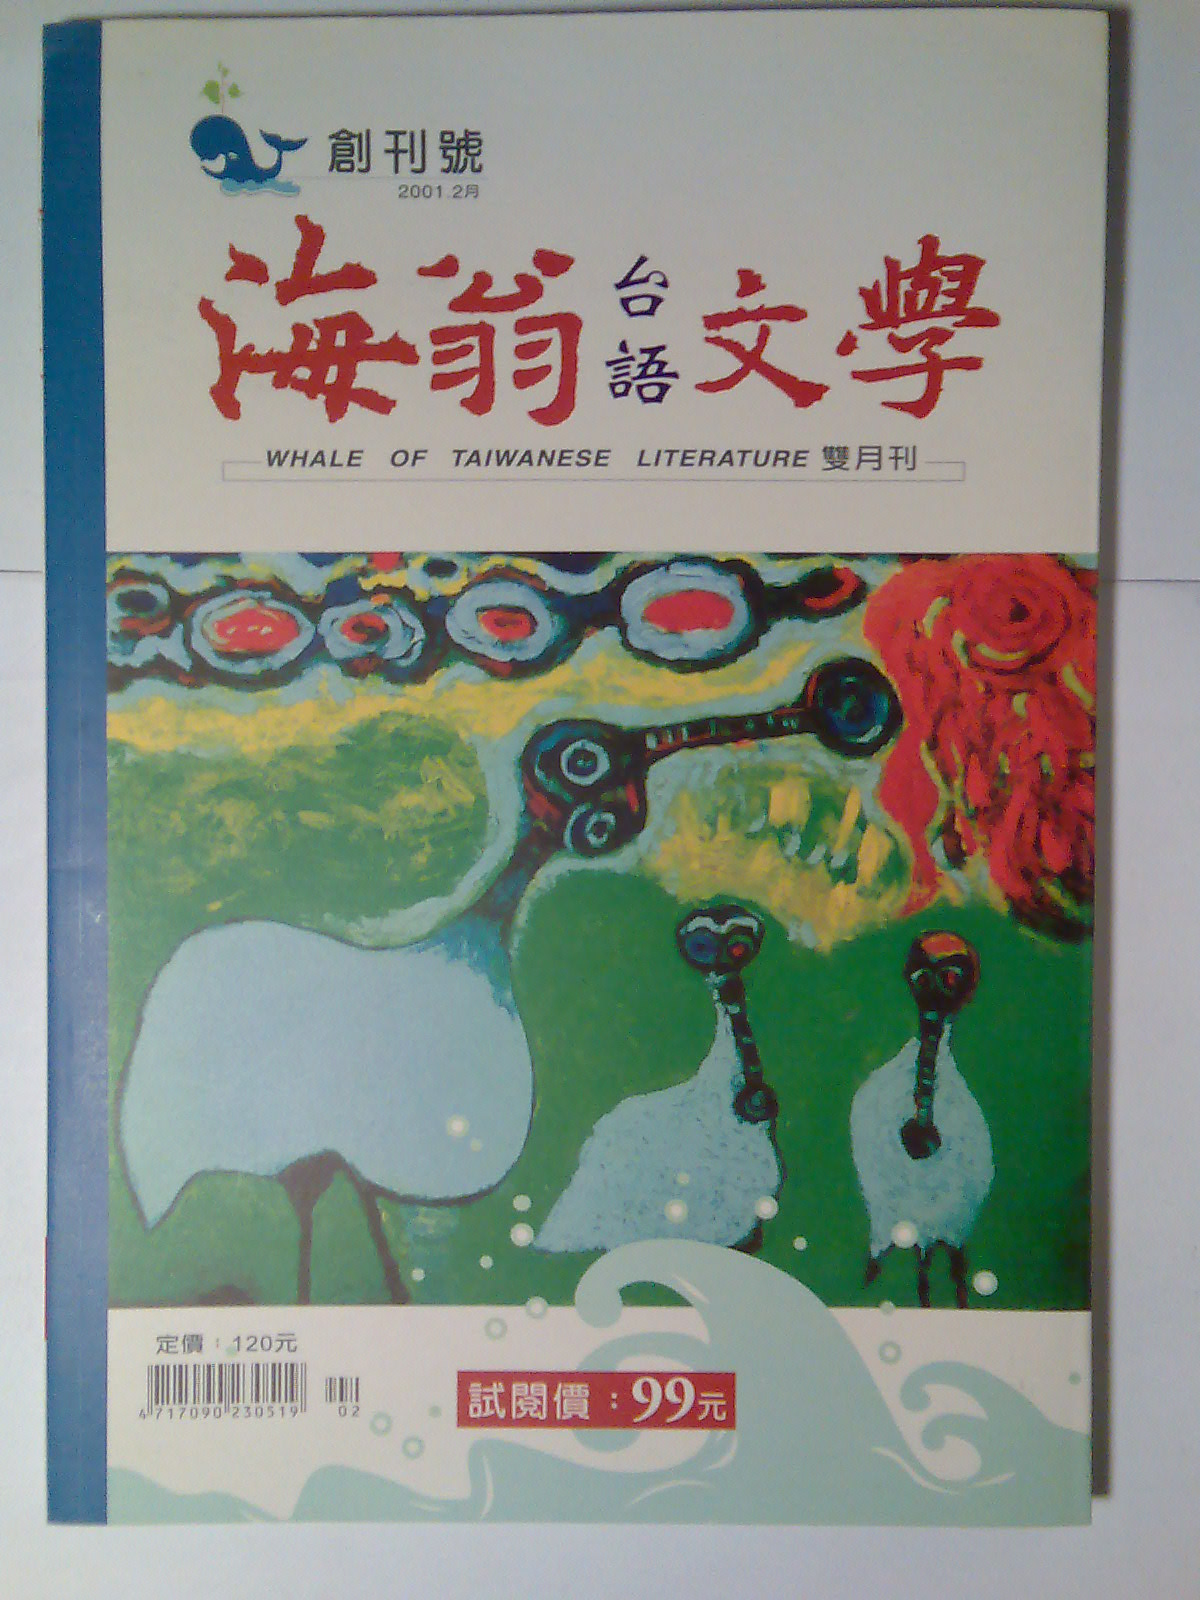 海翁台語文學雙月刊